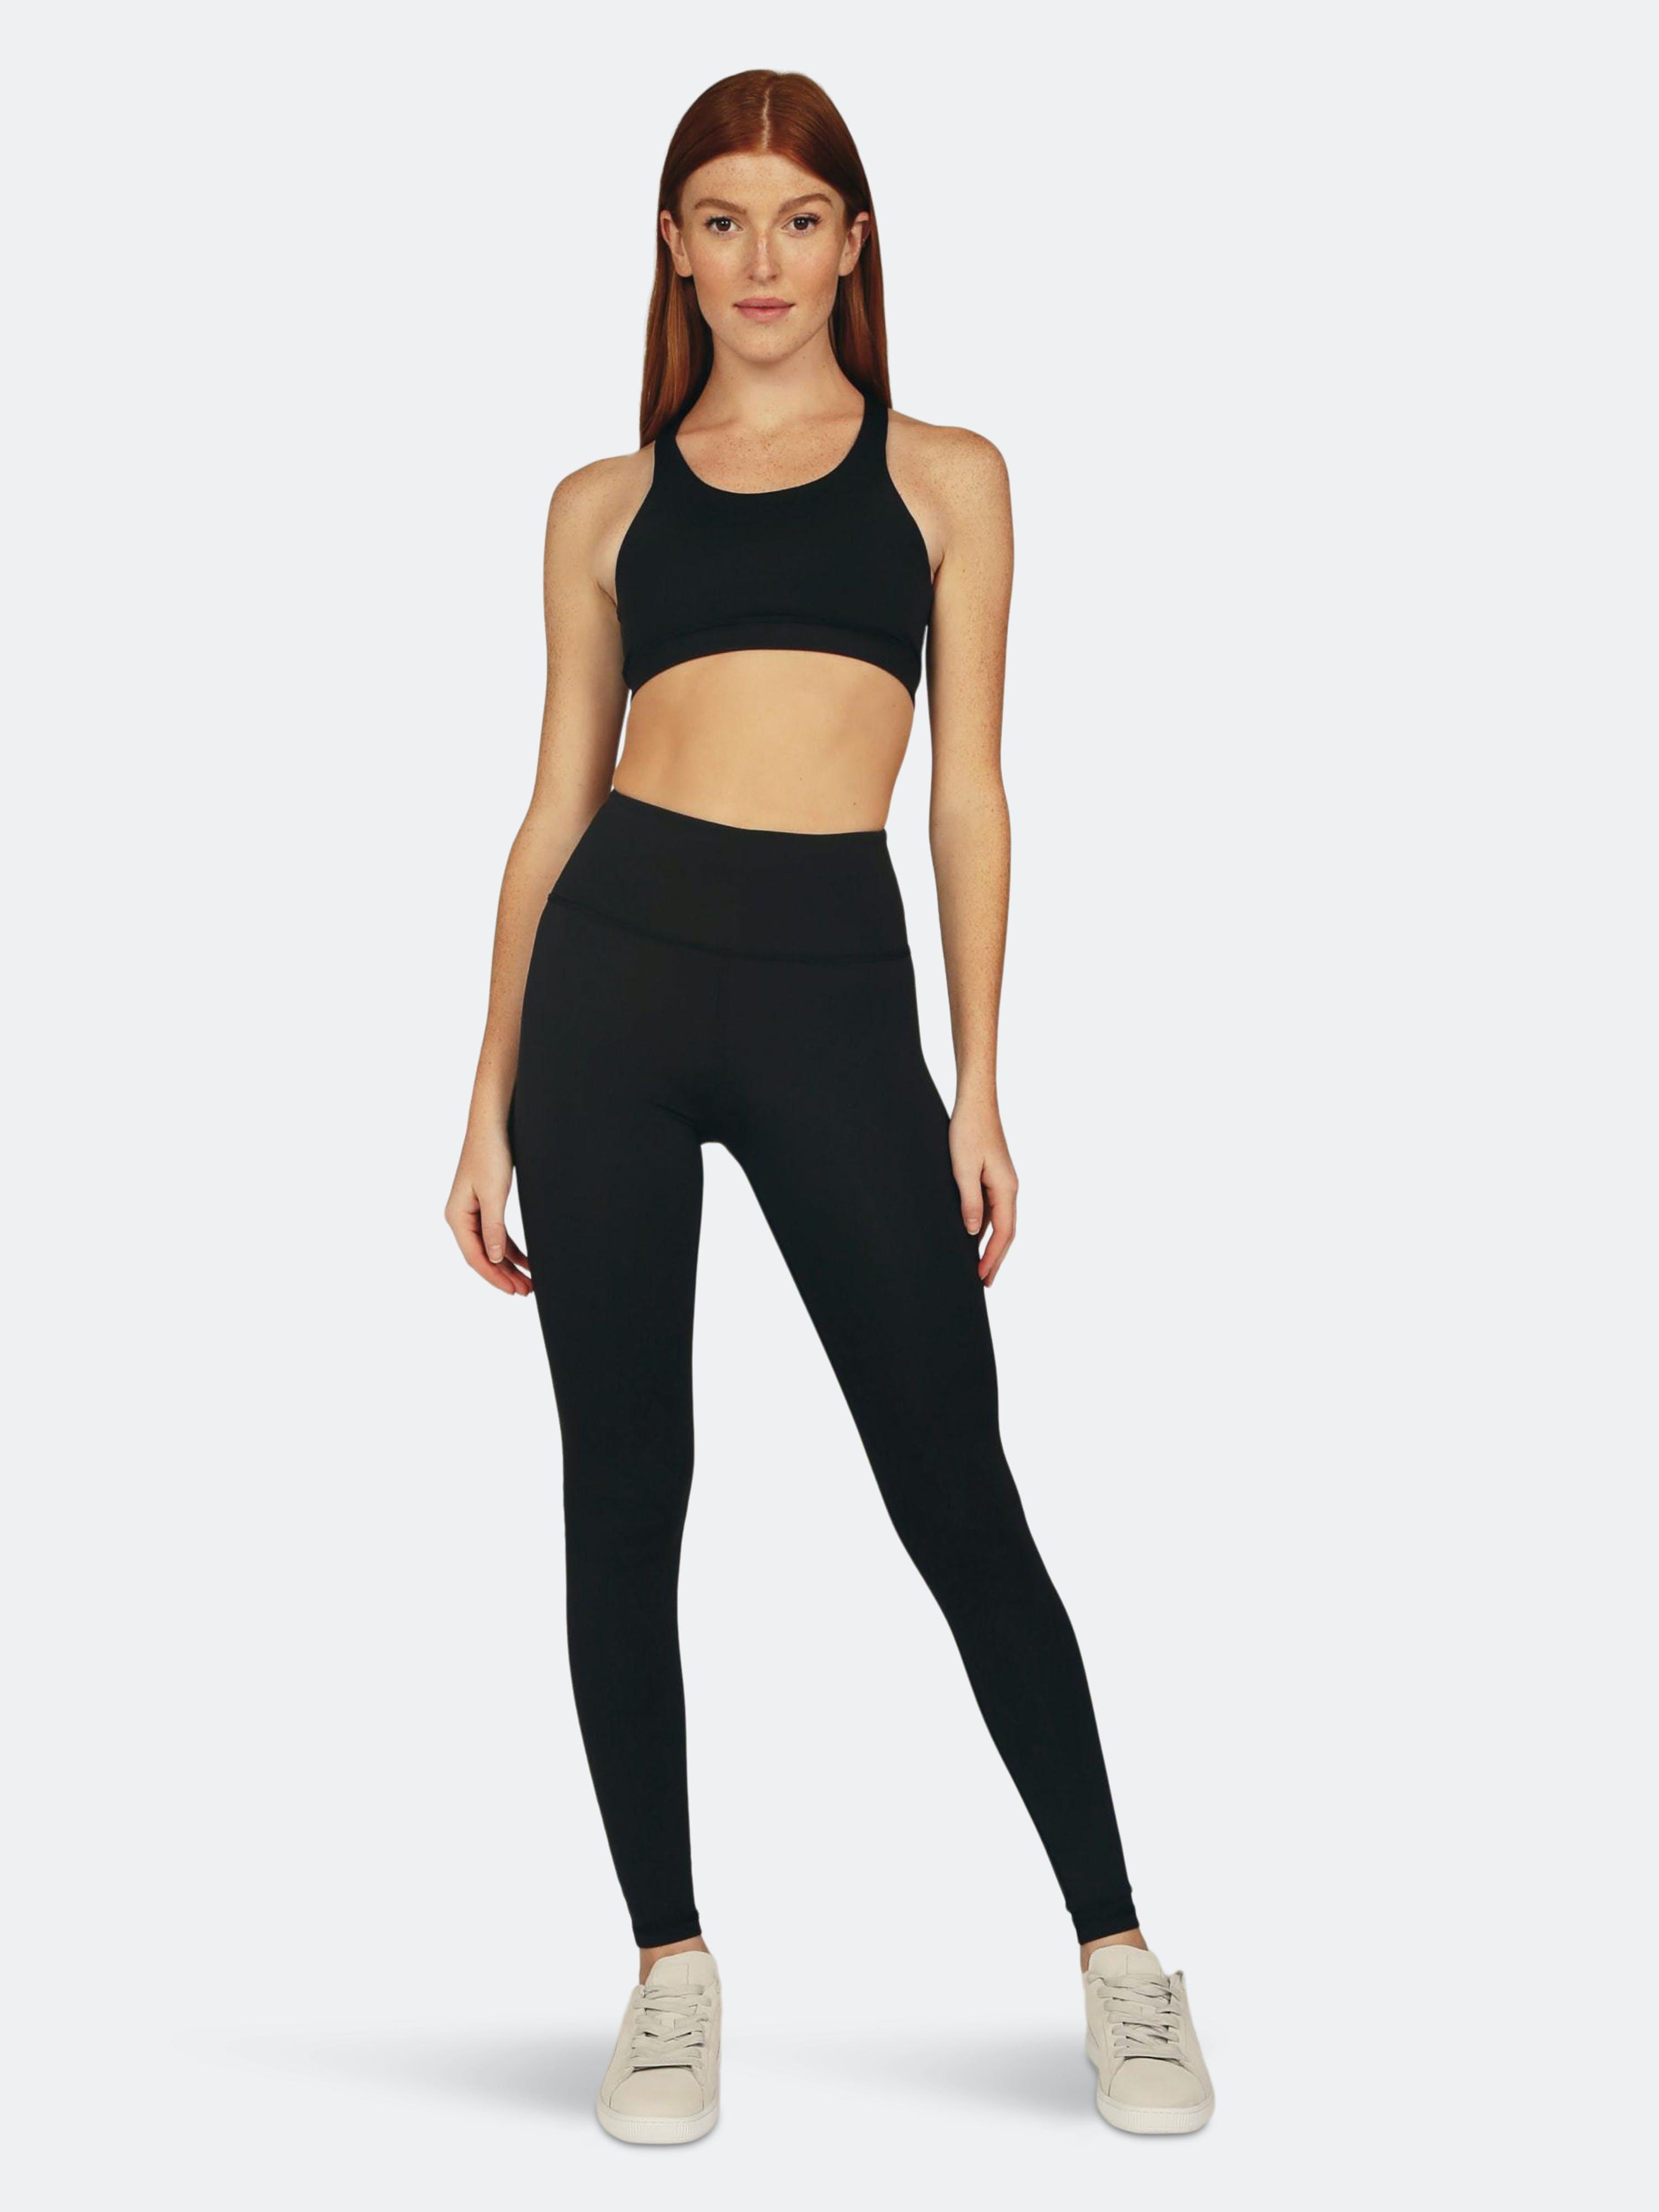 Alana Athletica The Classic Legging In Black